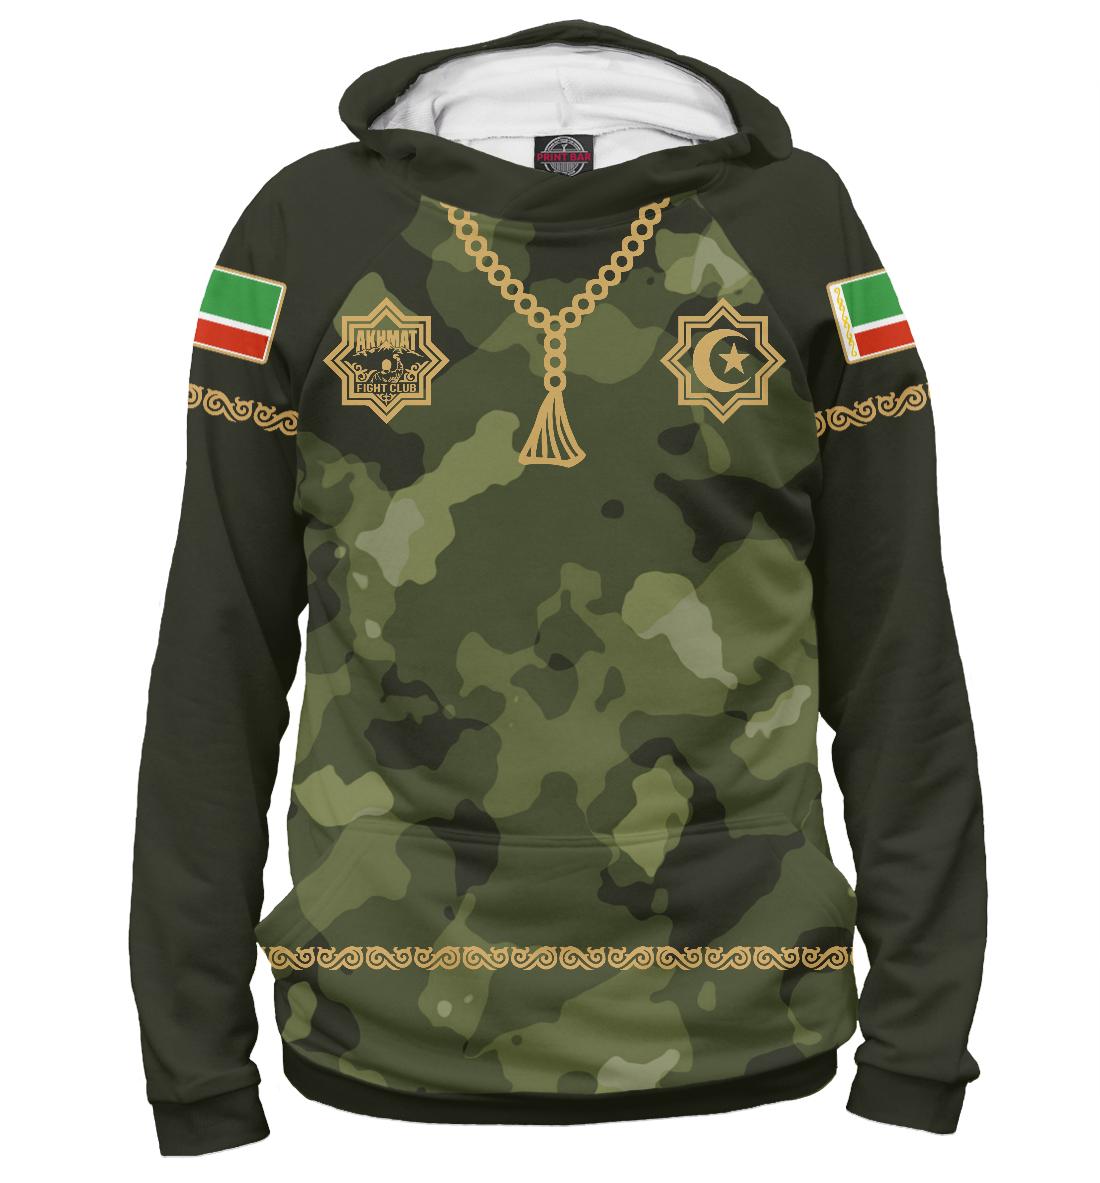 Купить Чечня Ахмат Камуфляж, Printbar, Худи, AFC-271730-hud-1